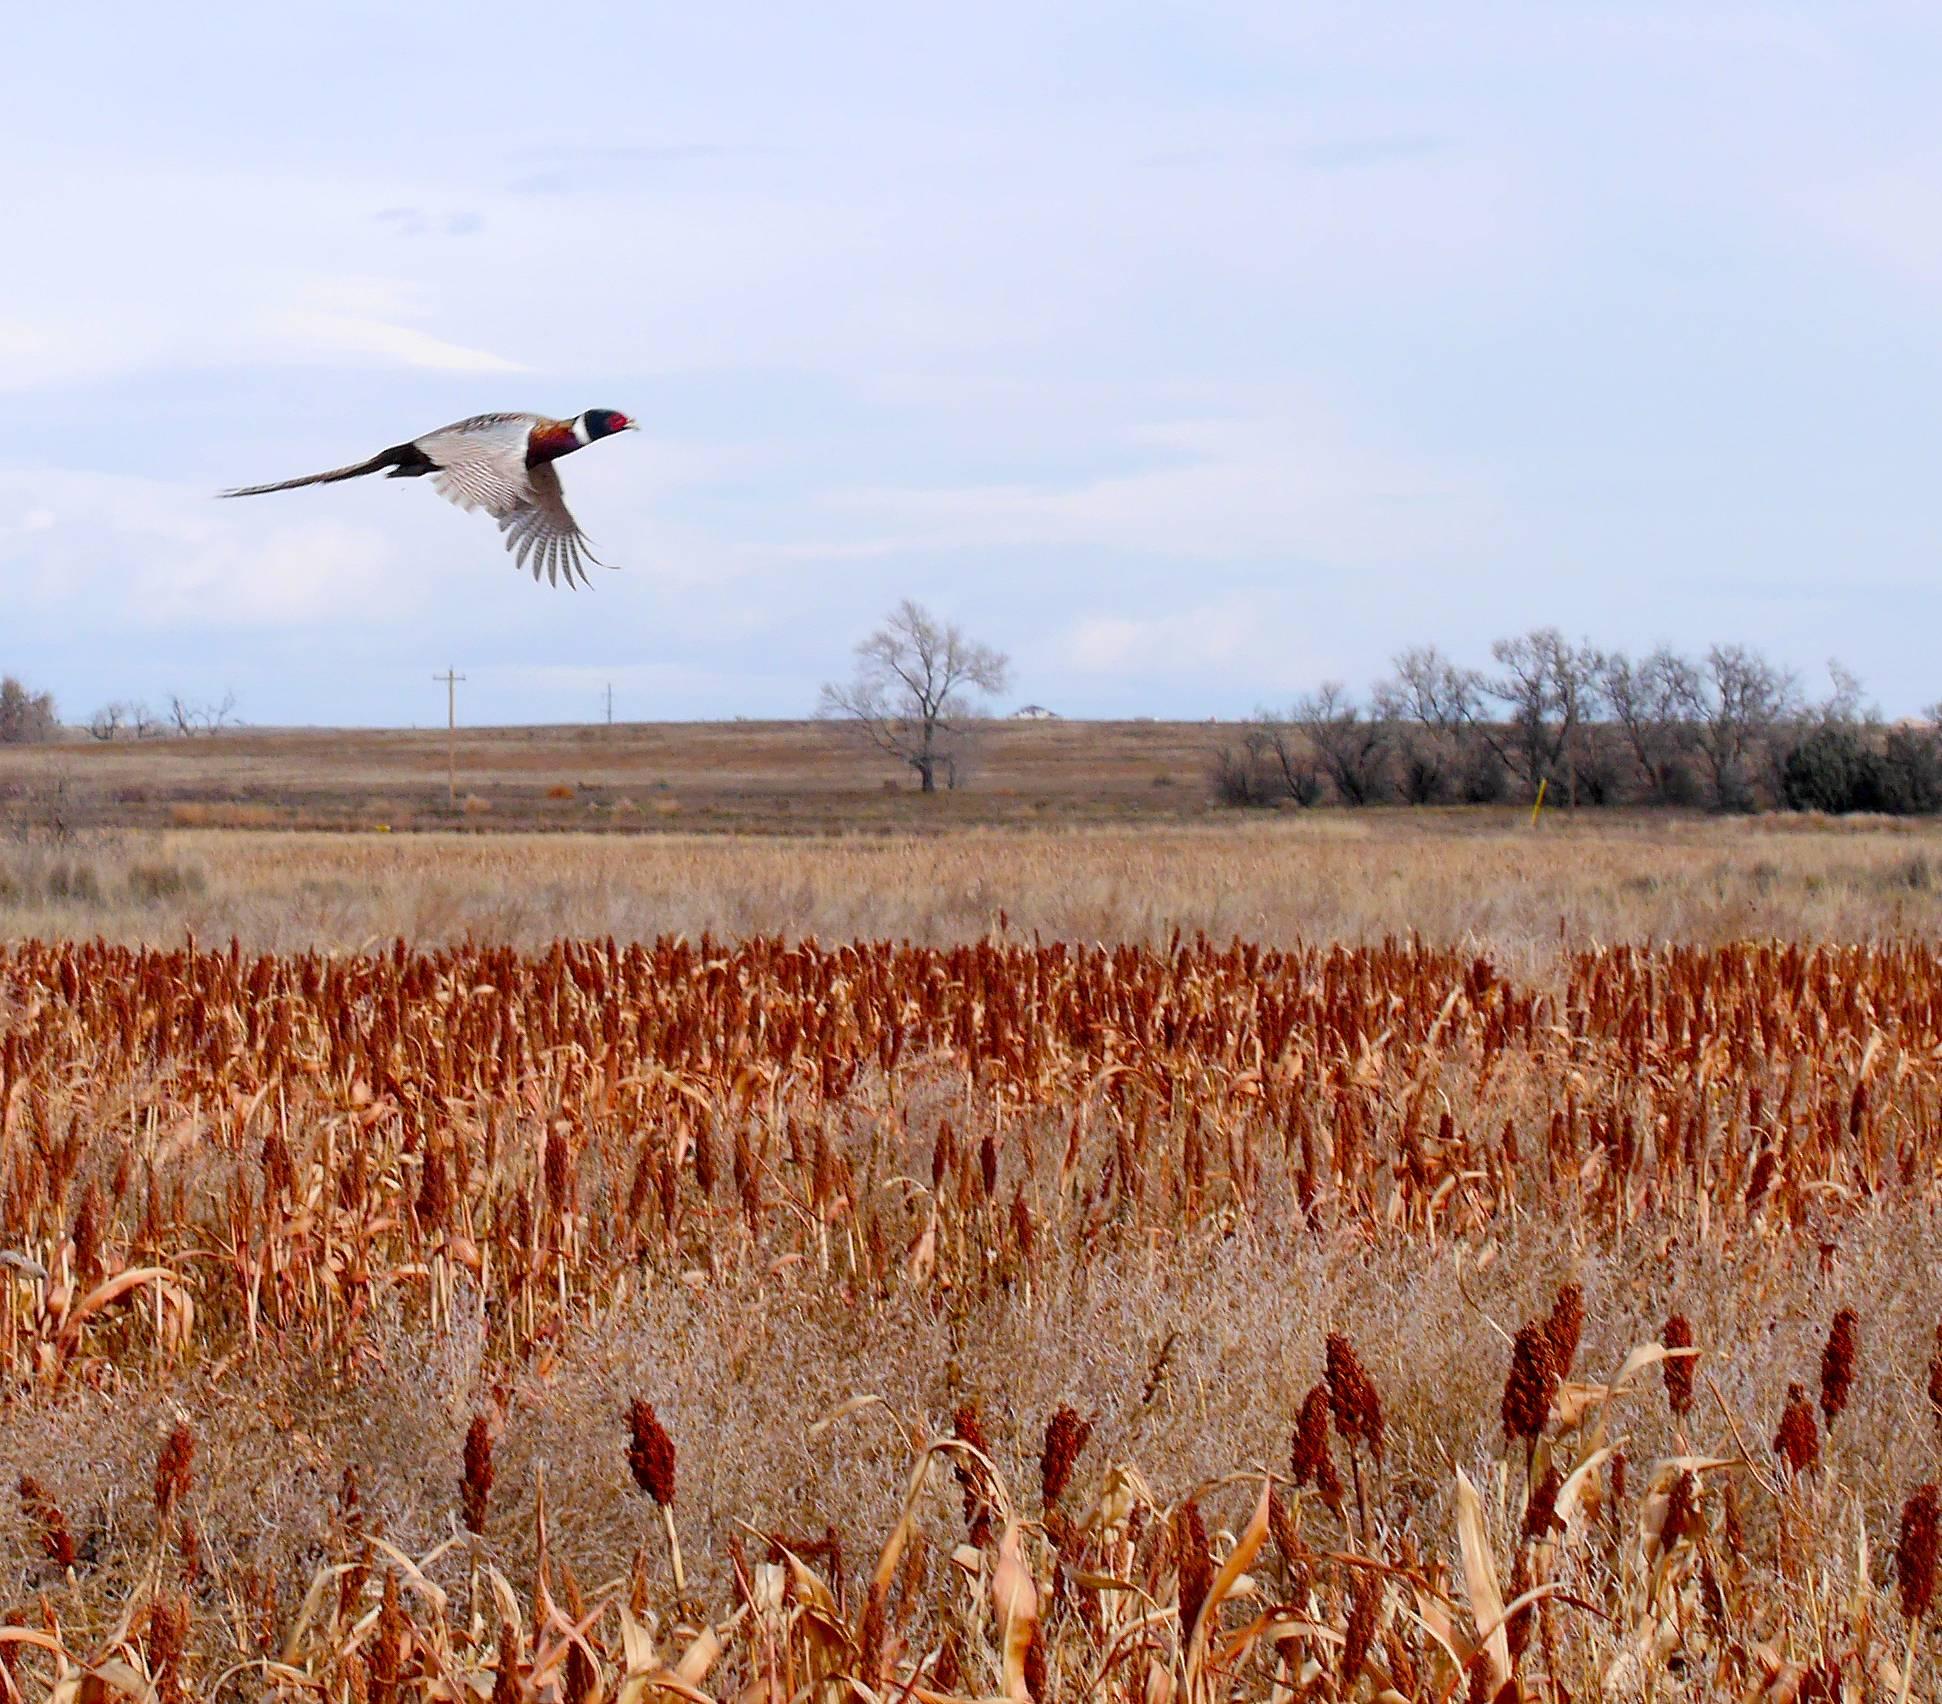 Free Pheasant Hunting Wallpaper - WallpaperSafari